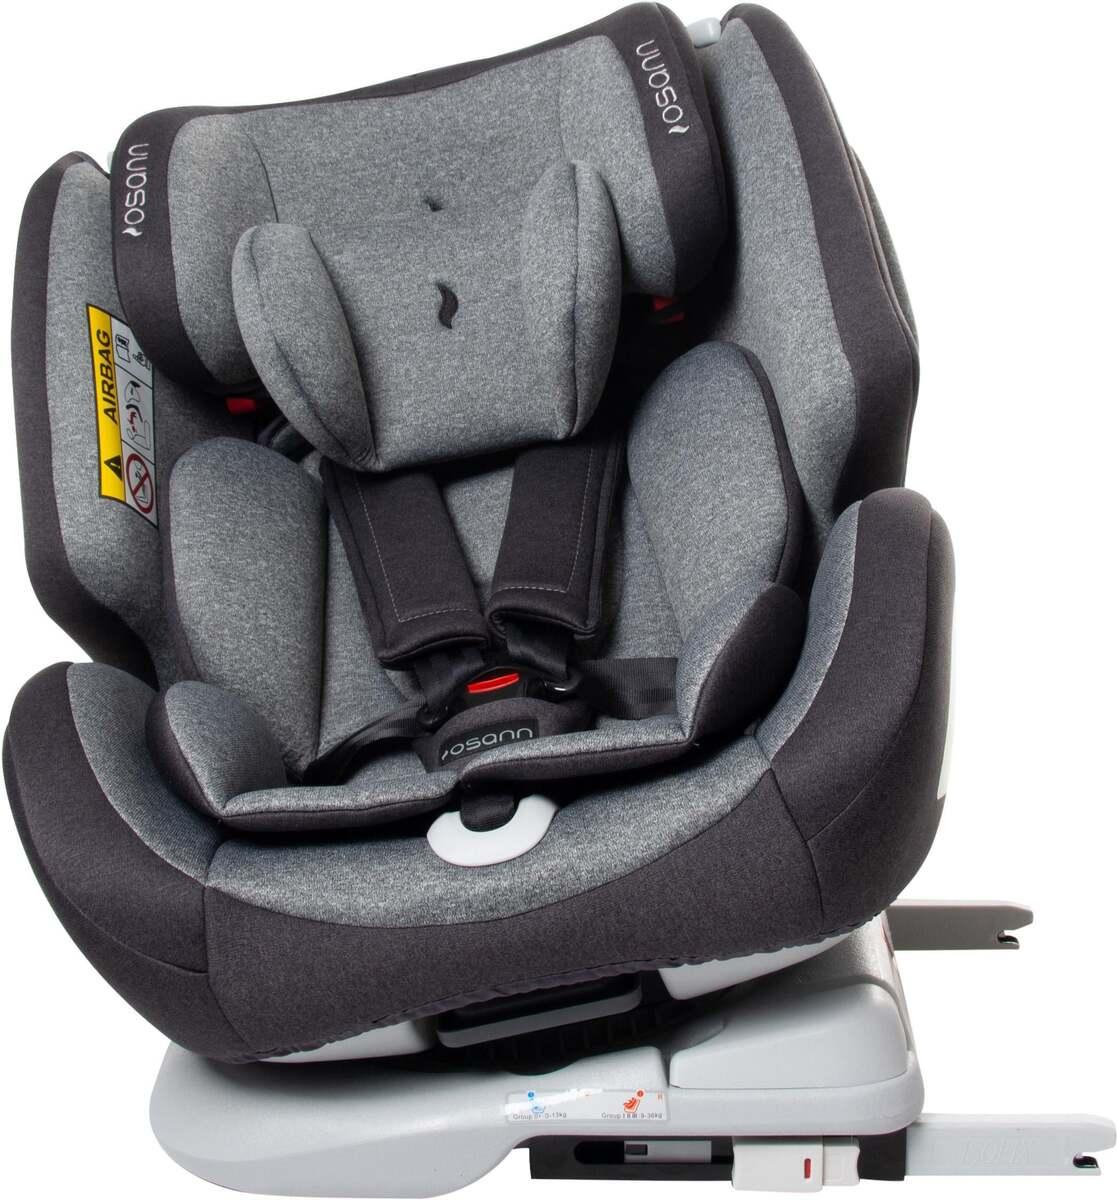 Bild 6 von osann Kinderautositz One360° Universe Grey